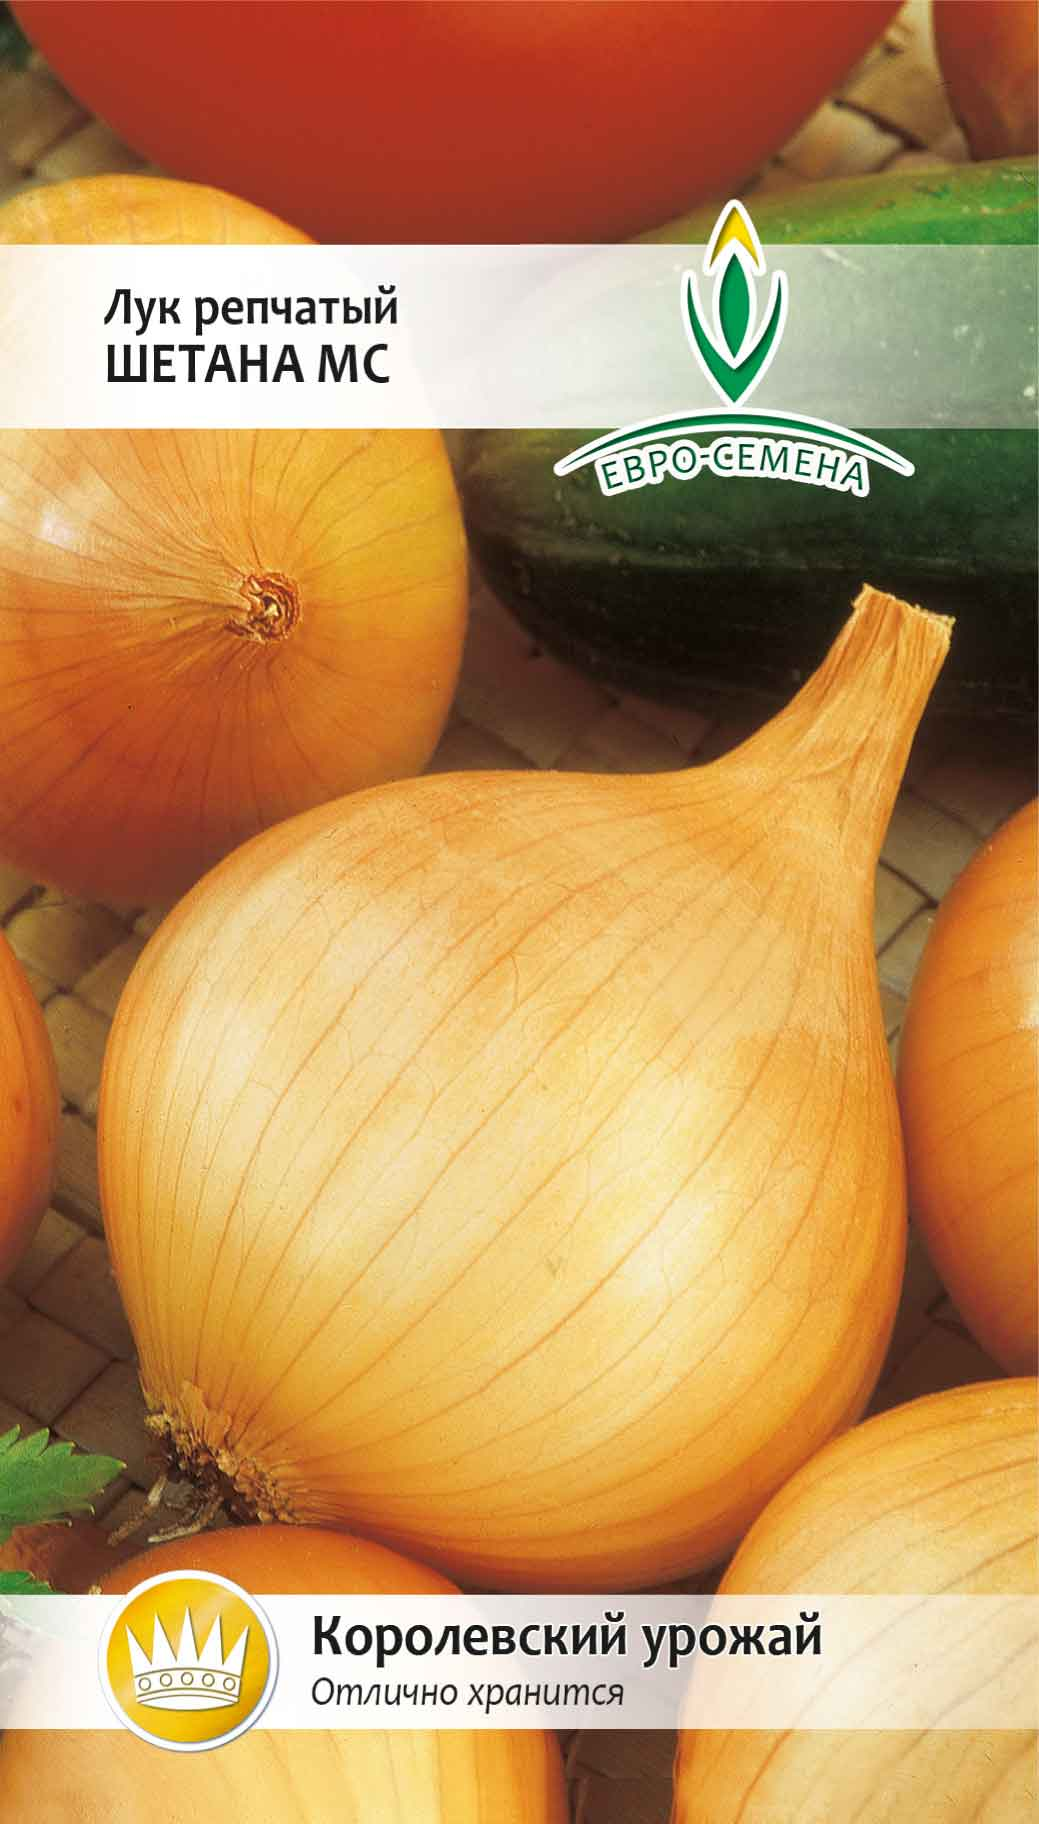 Лук шетана: описание сорта, отзывы о посадке, уходе и выращивании, характеристика севок мс, фото стеблей и репчатой луковицы